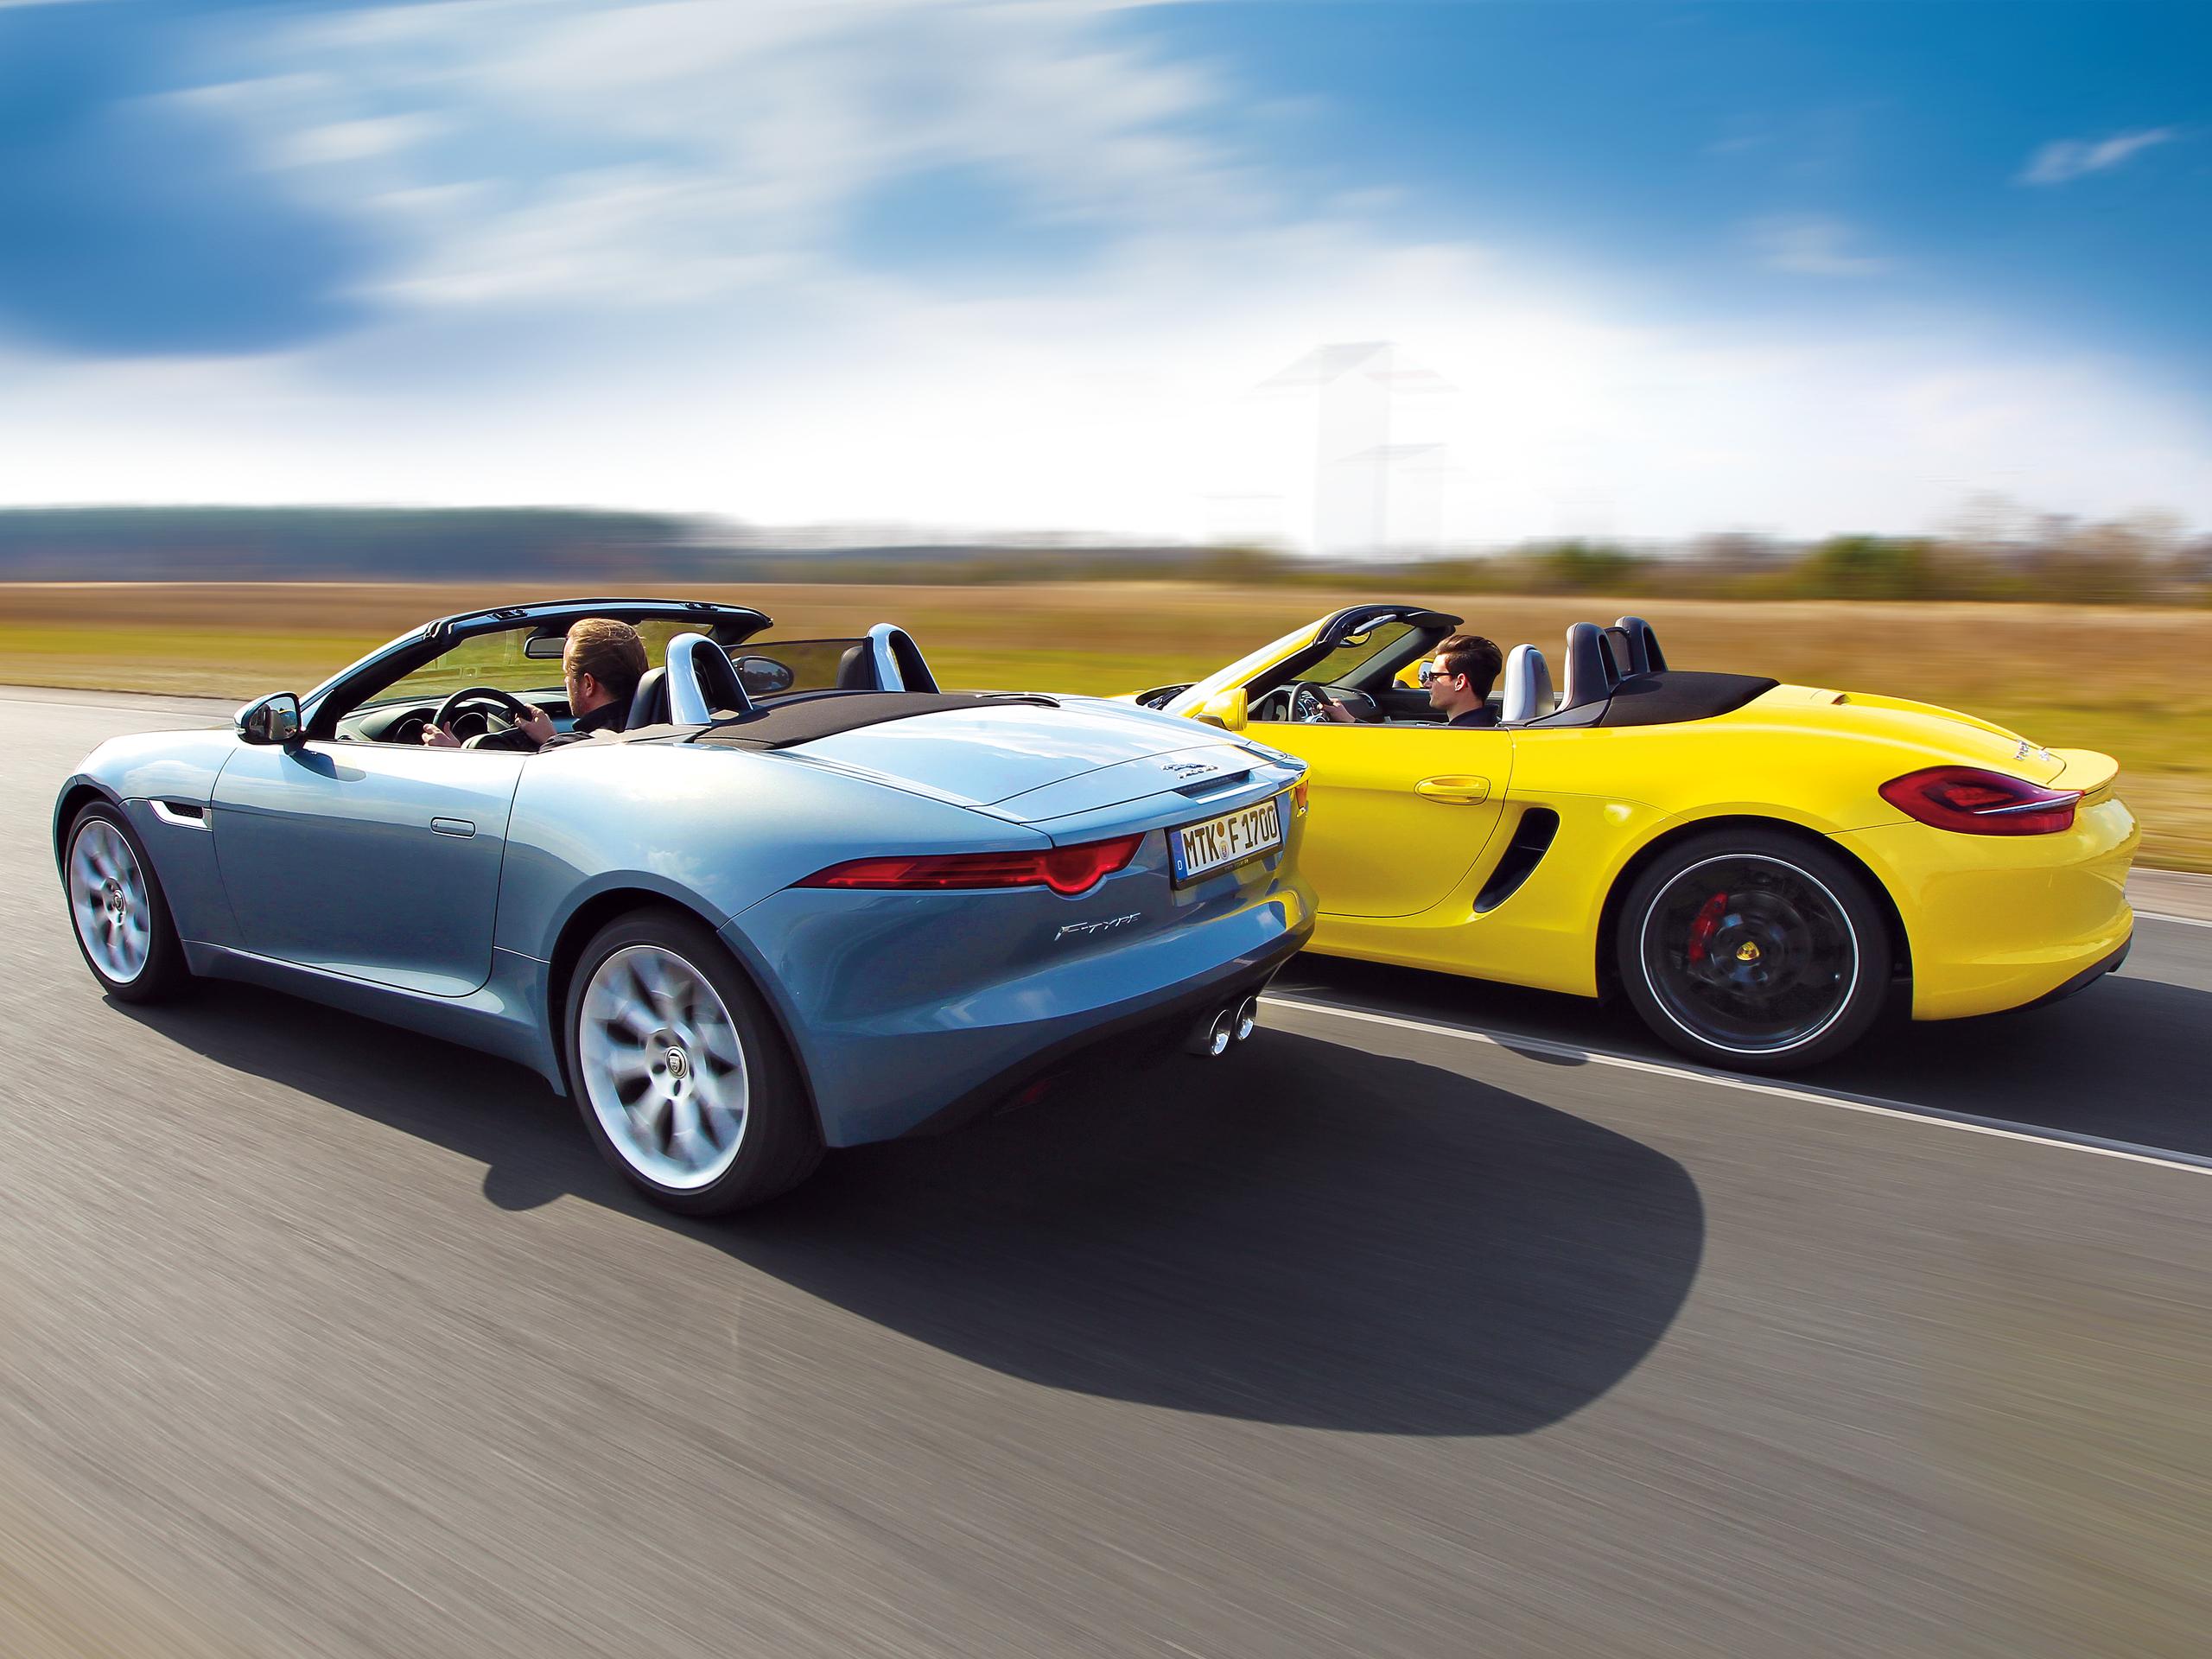 jaguar f type cabriolet vs porsche boxster s roadster. Black Bedroom Furniture Sets. Home Design Ideas